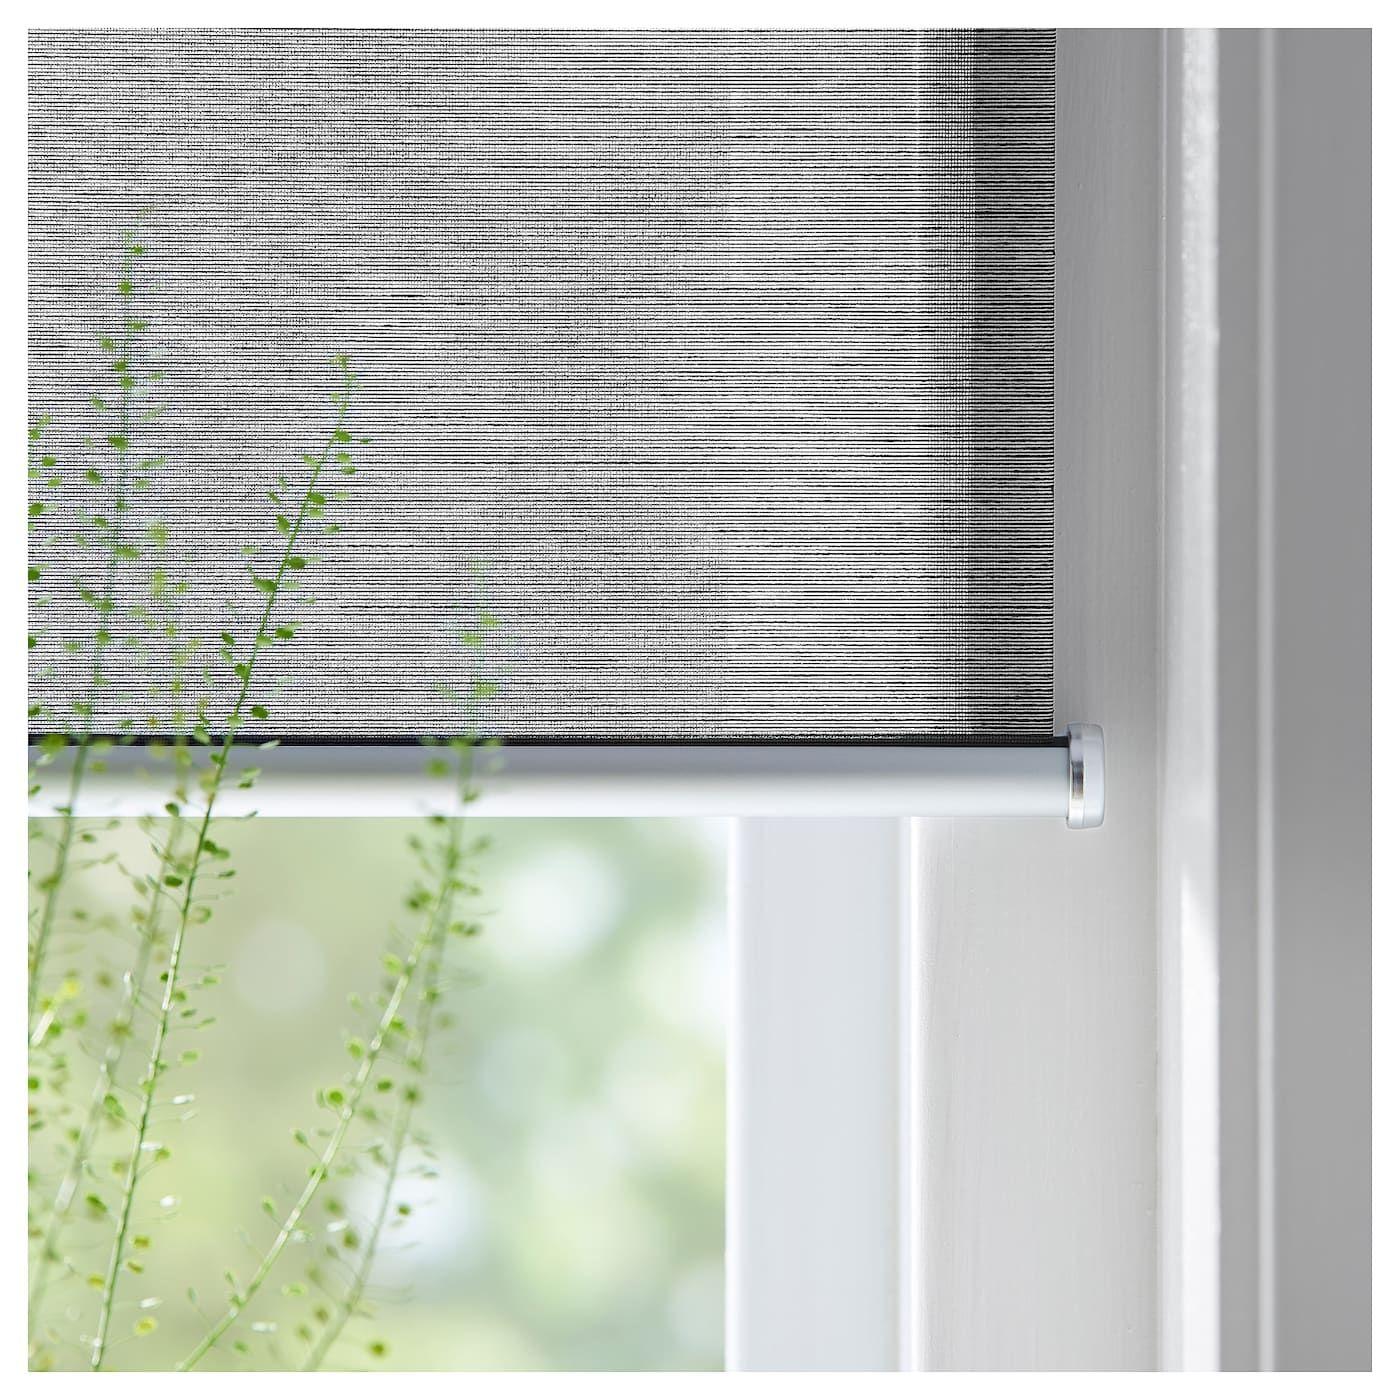 Skogsklover Roller Blind Gray 23x76 Ikea In 2020 Sliding Door Window Coverings Roller Blinds Door Coverings